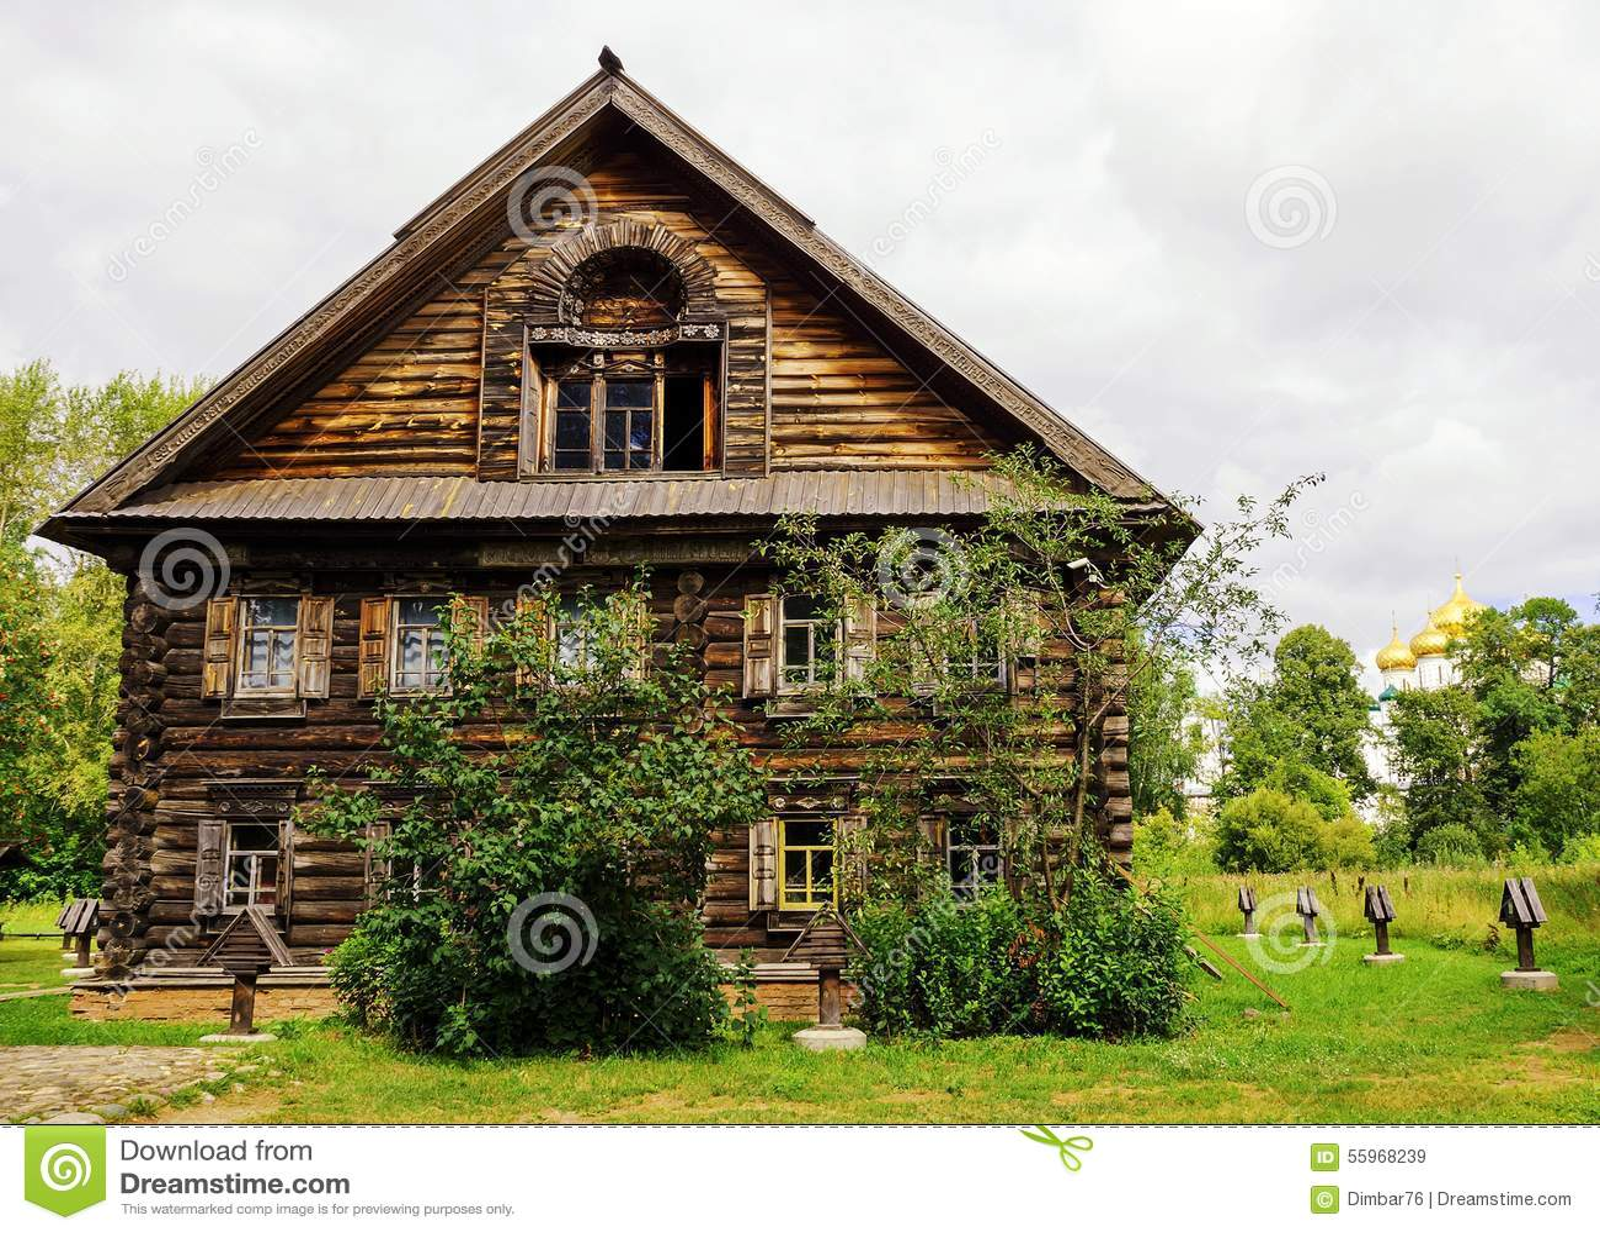 Amüsant Russisches Holzhaus Ideen Von Pattern Im Museum Der Hölzernen Architektur In